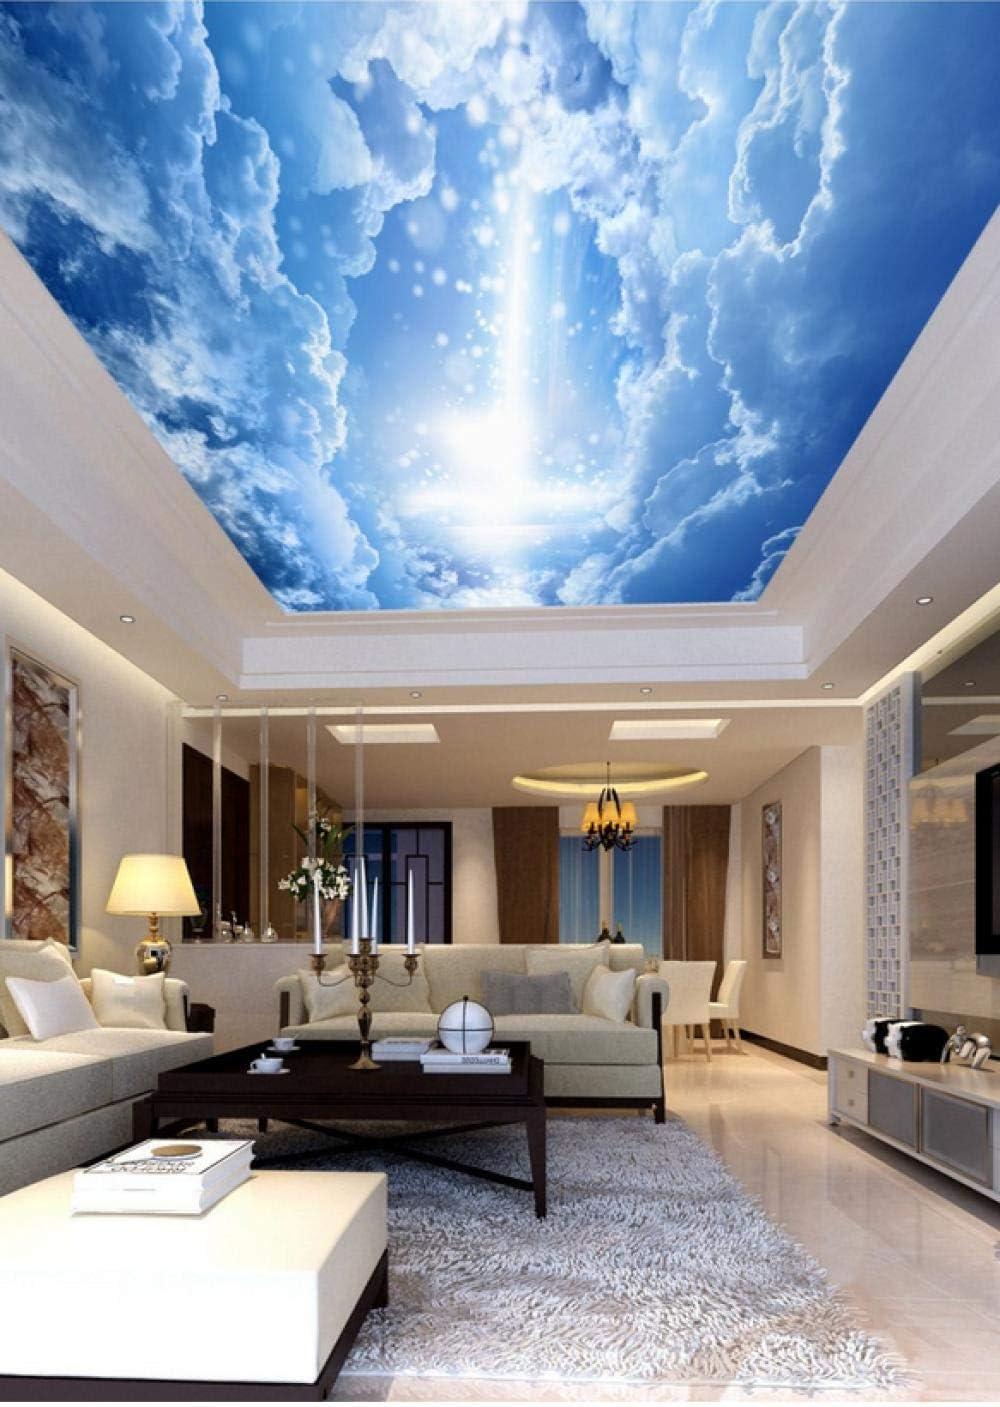 Techo personalizable pintura techo mural sala de estar dormitorio techo mural decoración tela no tejida-cielo azul con nubes blancas y rayo de luz extraño